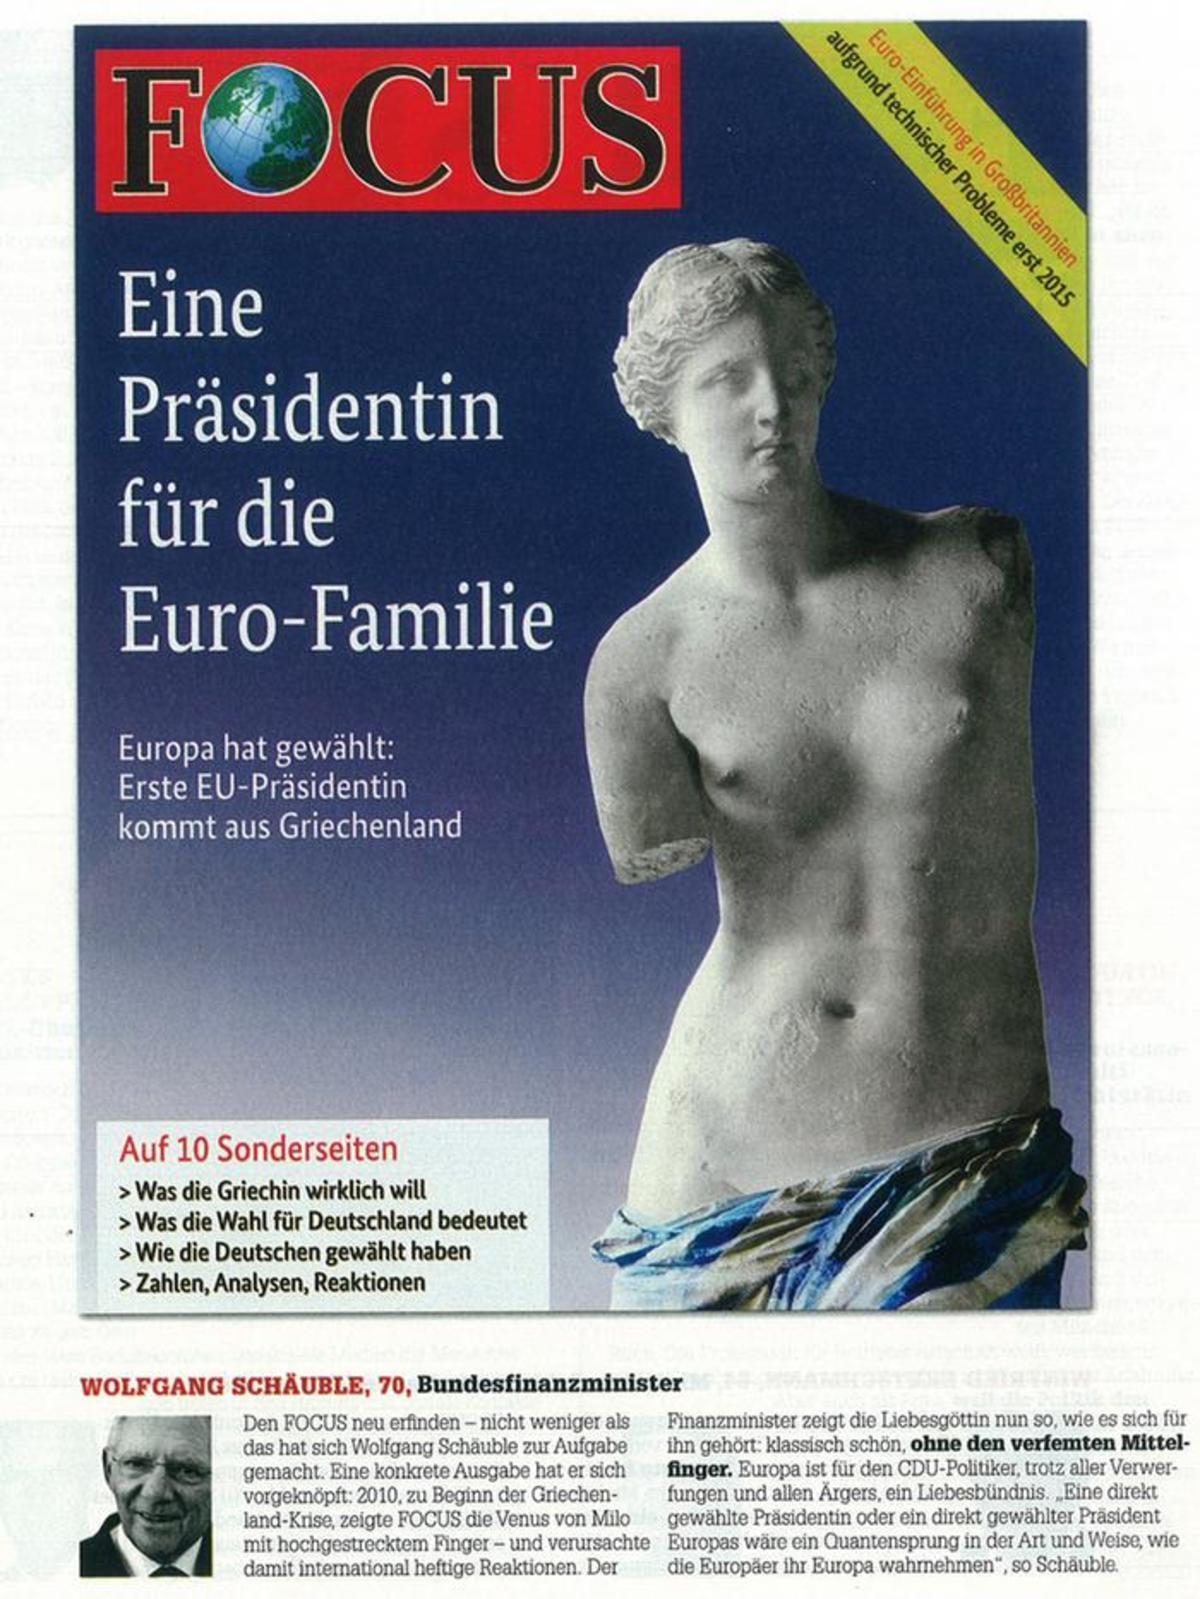 Την Αφροδίτη θα επέλεγε και ο Σόιμπλε για εξώφυλλο στο Focus   Newsit.gr